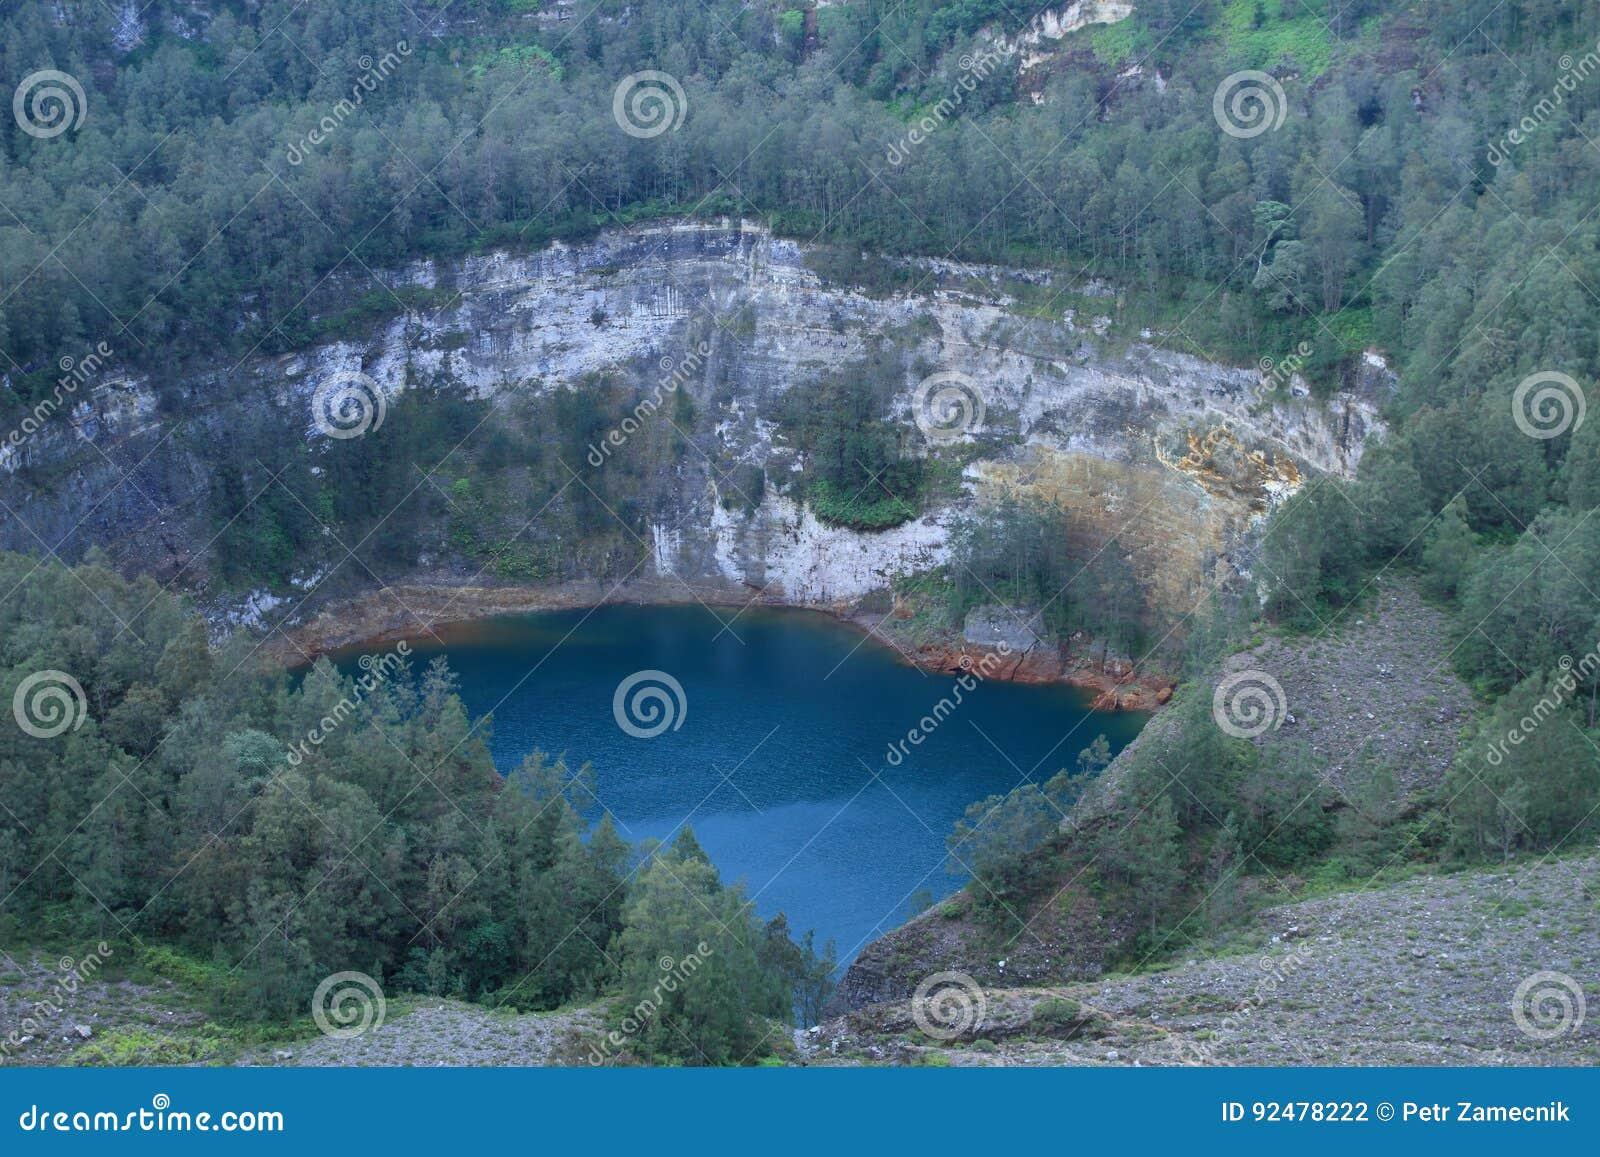 Kelimutu - unique lake Tam